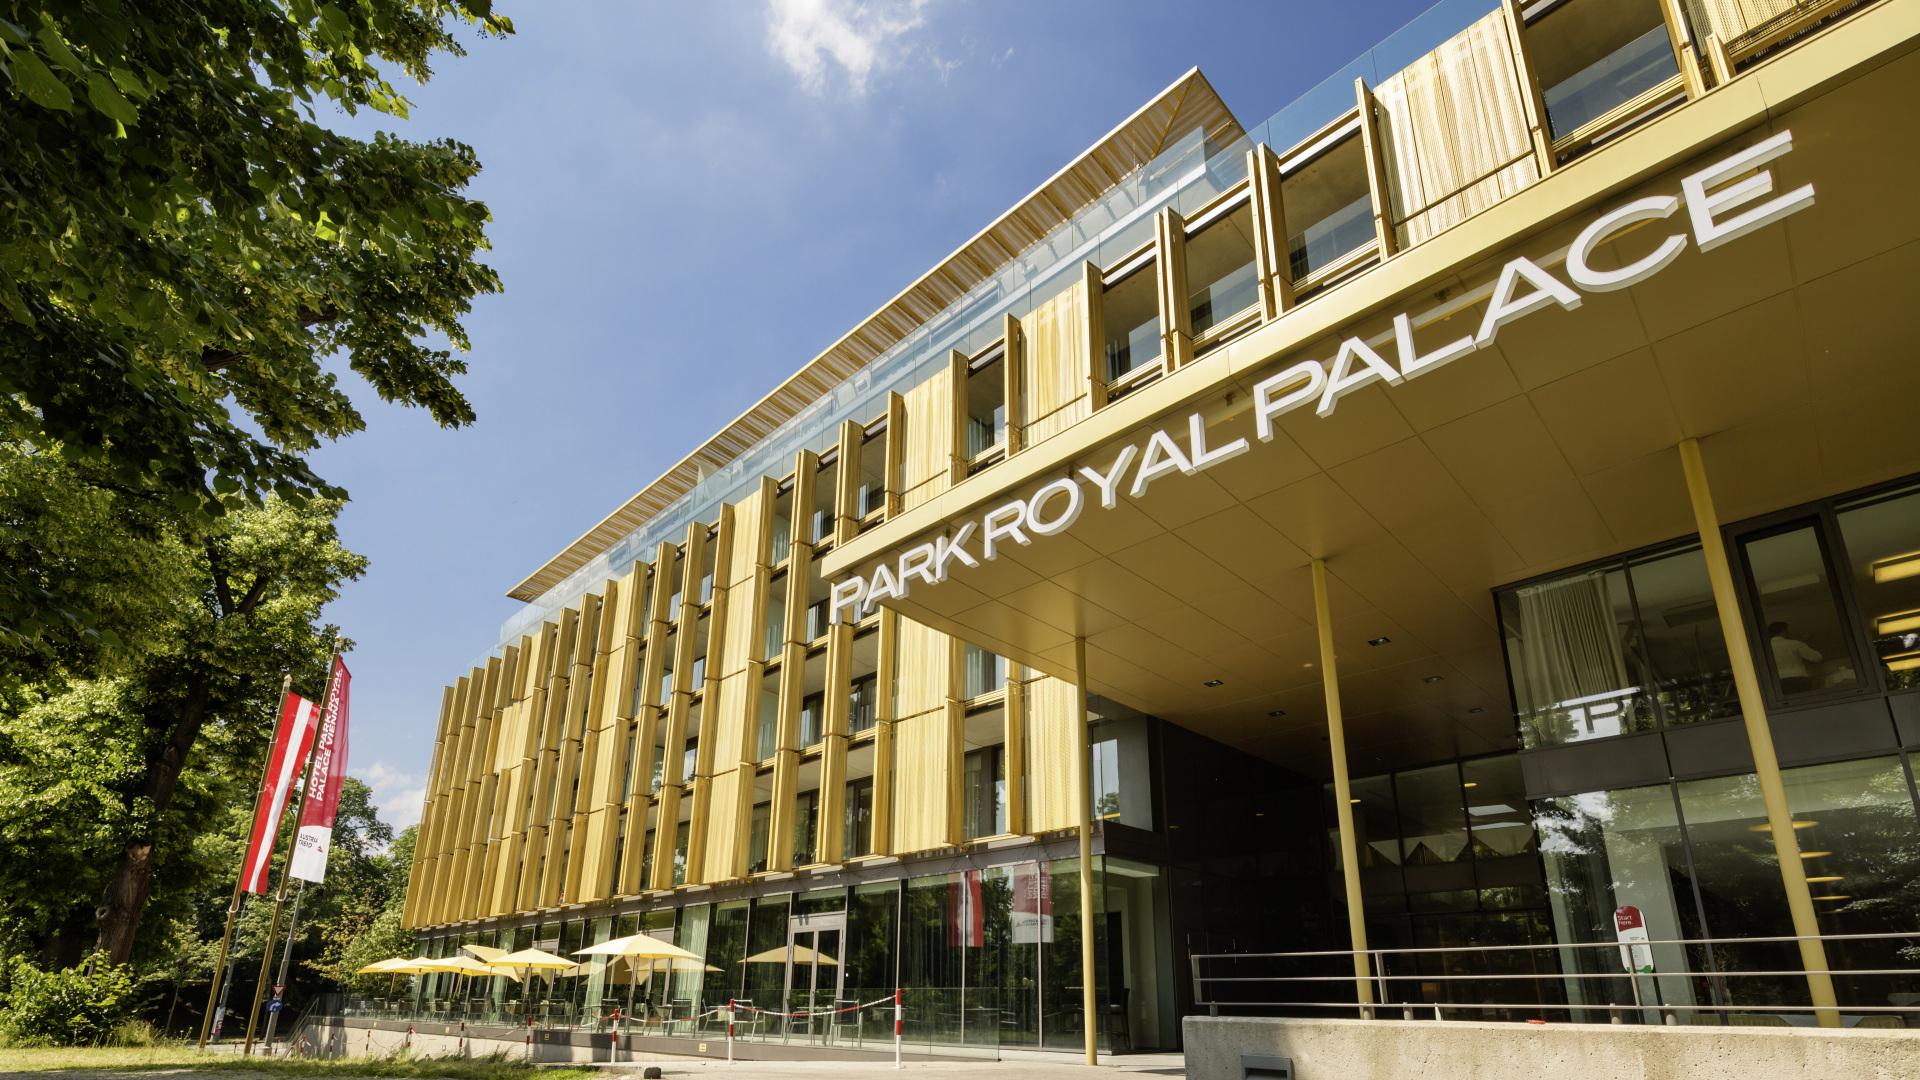 Austria Trend Hotel Park Royal Place